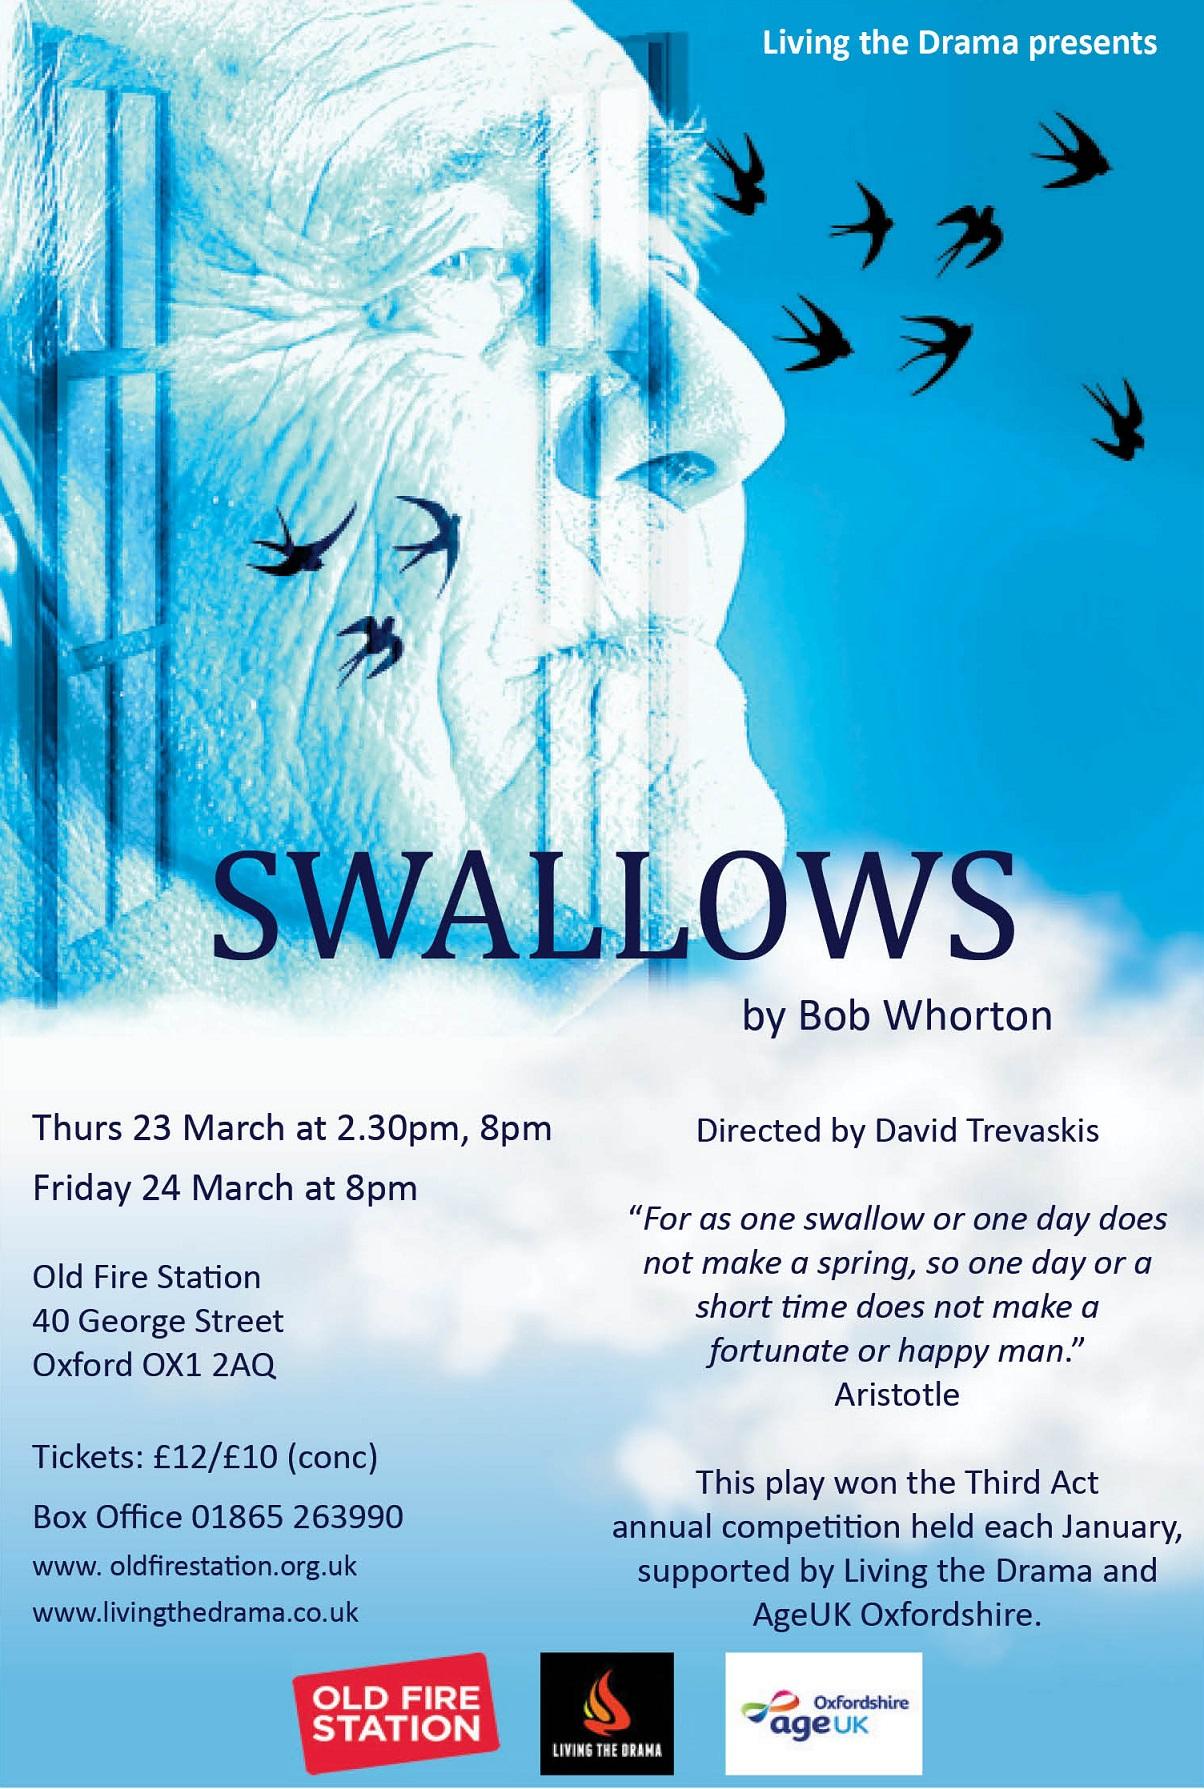 Draft-Swallows-Flyer-Feb-9th.jpg